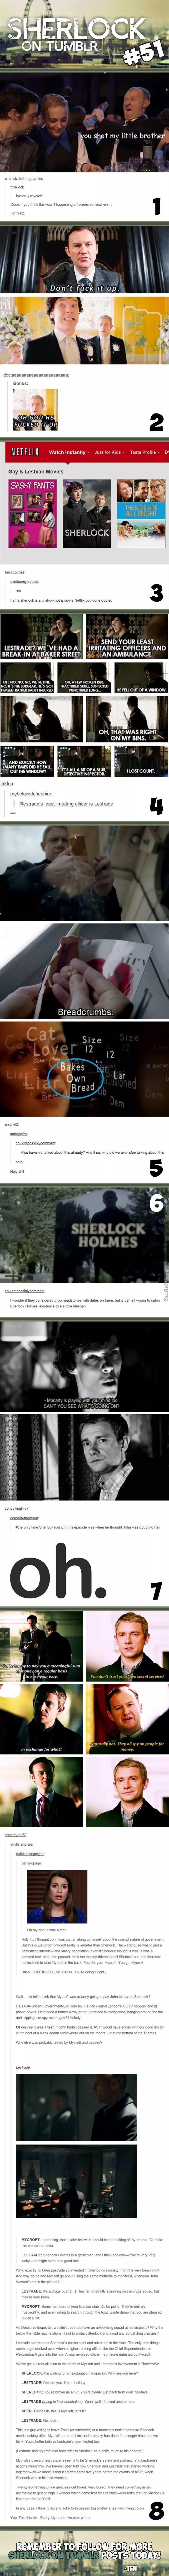 Sherlock On Tumblr #51